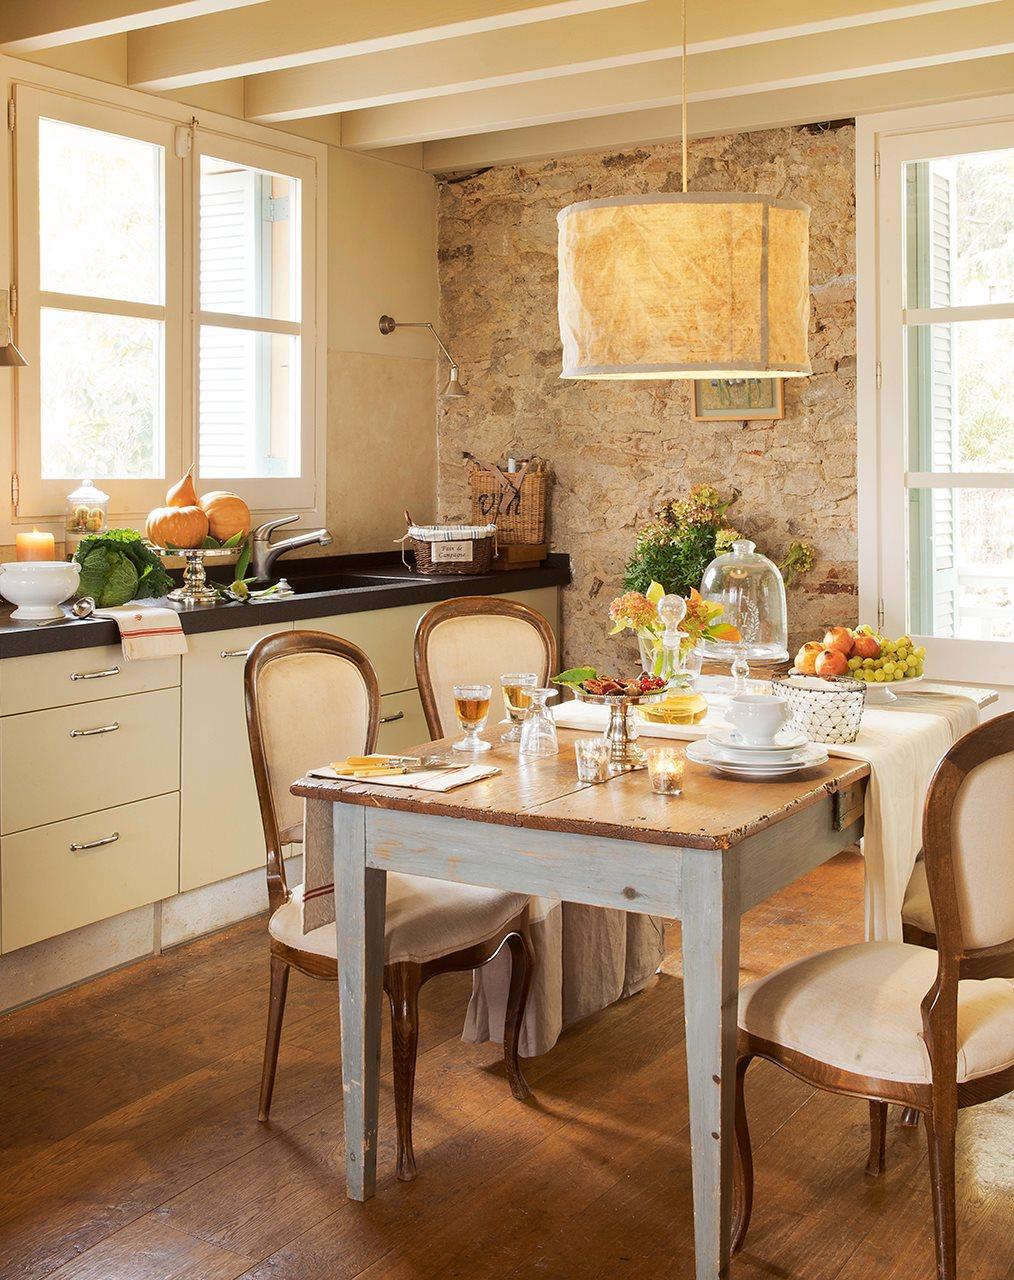 3 cocinas abiertas muy bien integradas